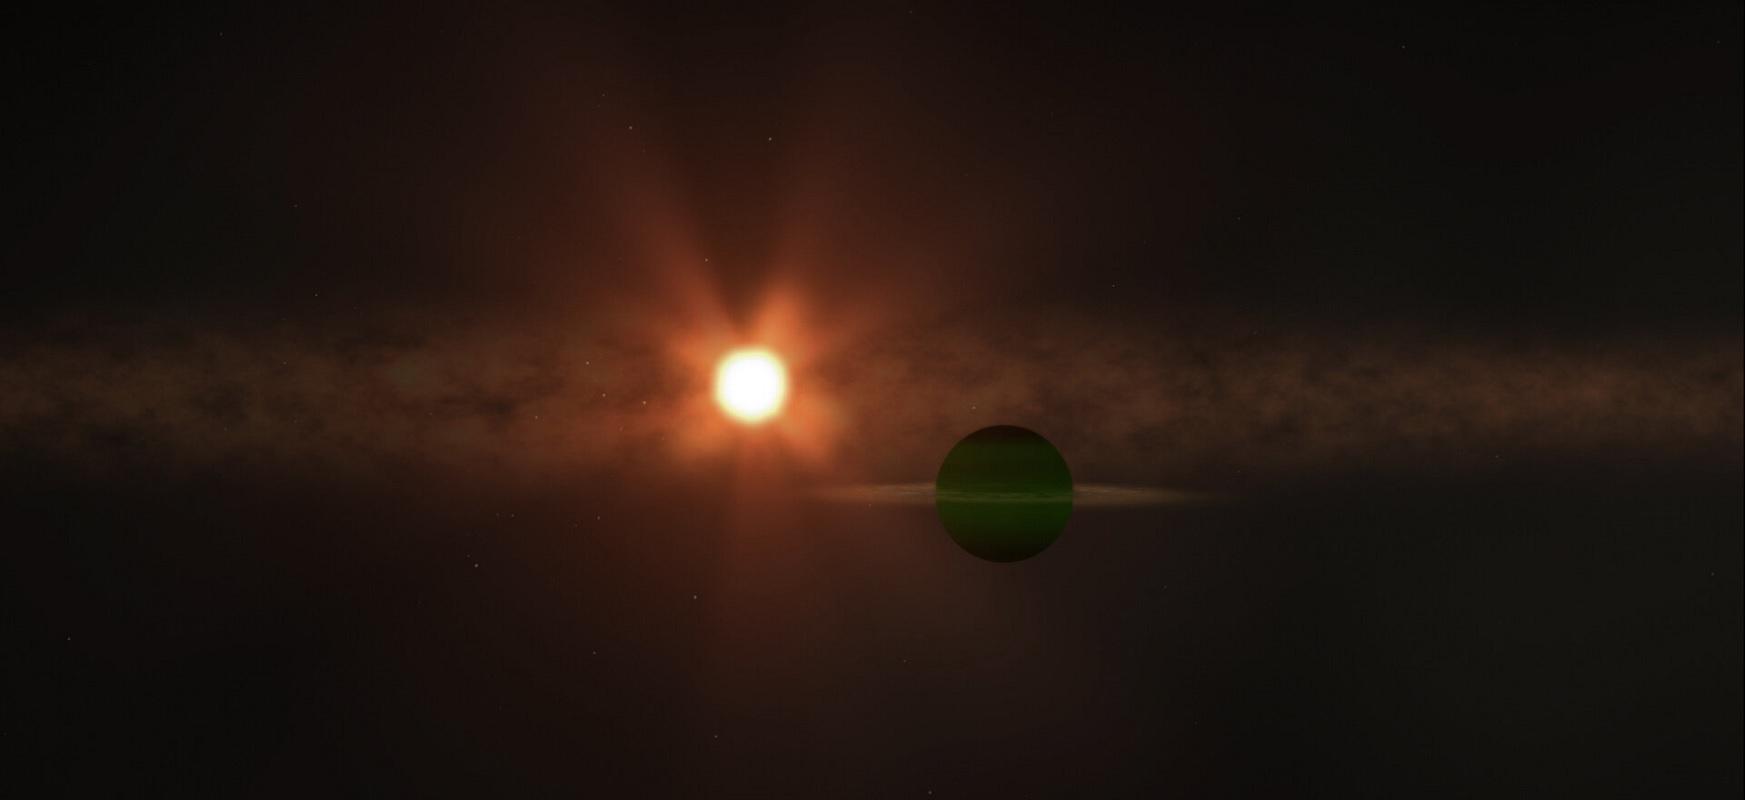 Neptunoren tamainako planeta inguruko izar gazte baten inguruan biraka ari da